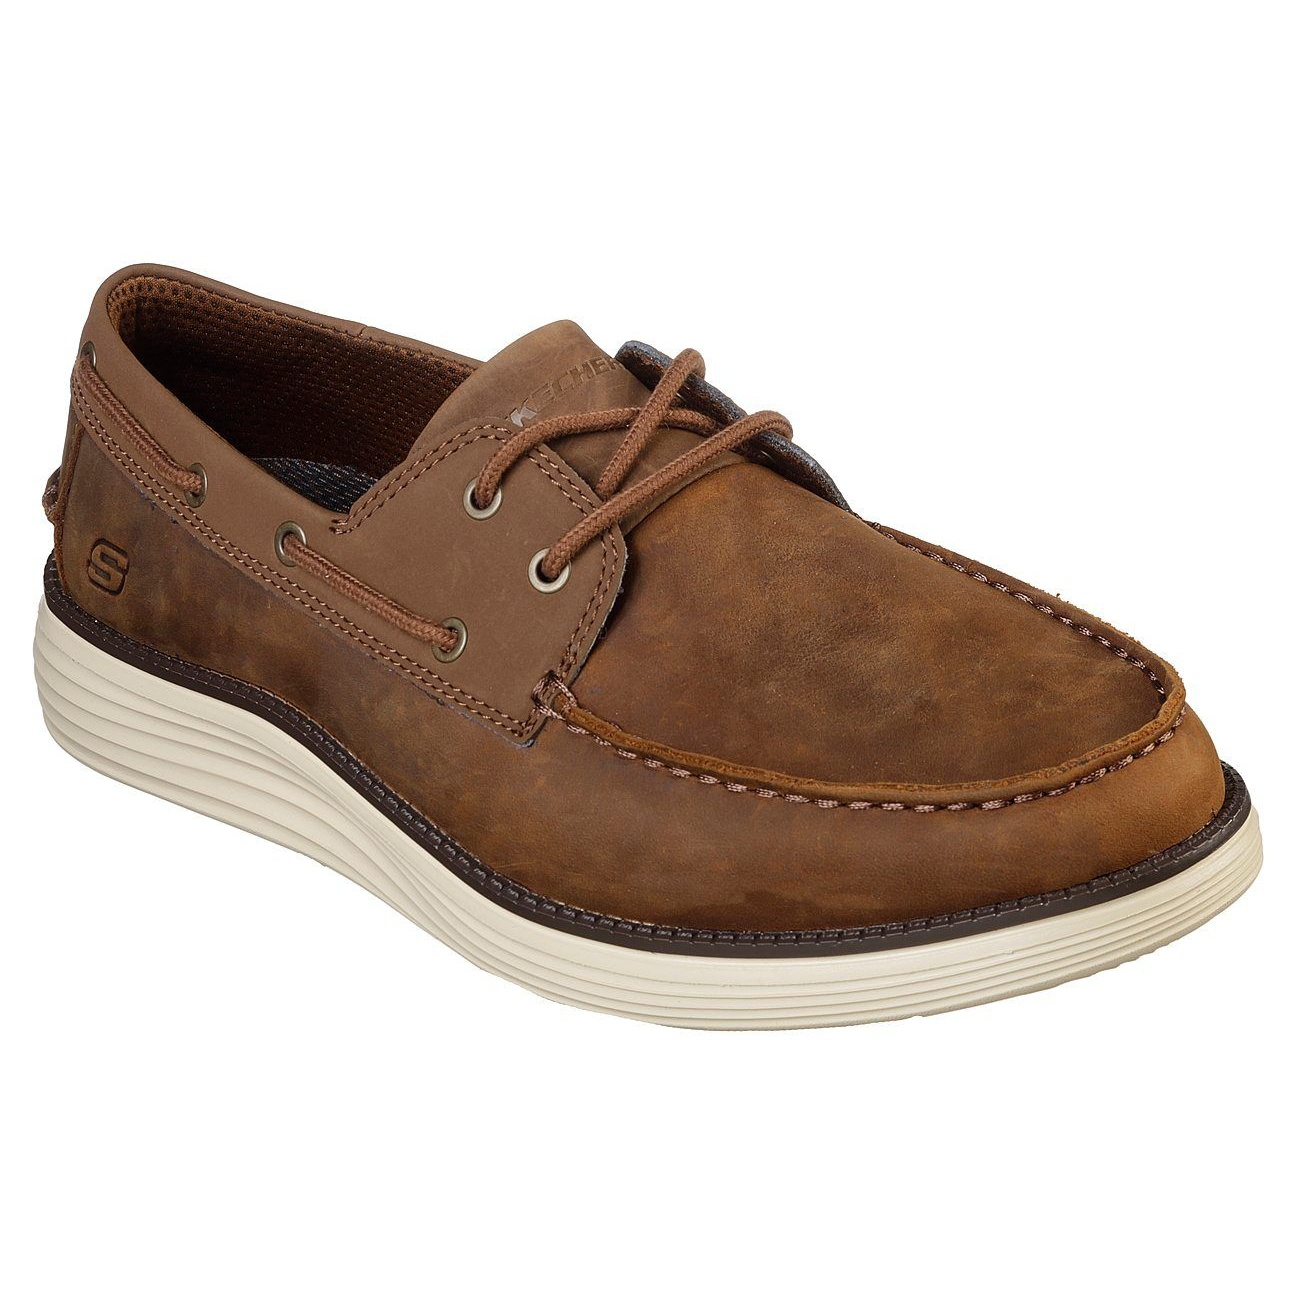 فروش کفش مخصوص پیاده روی مردانه اسکچرز مدل MIRACLE 65894DSCH